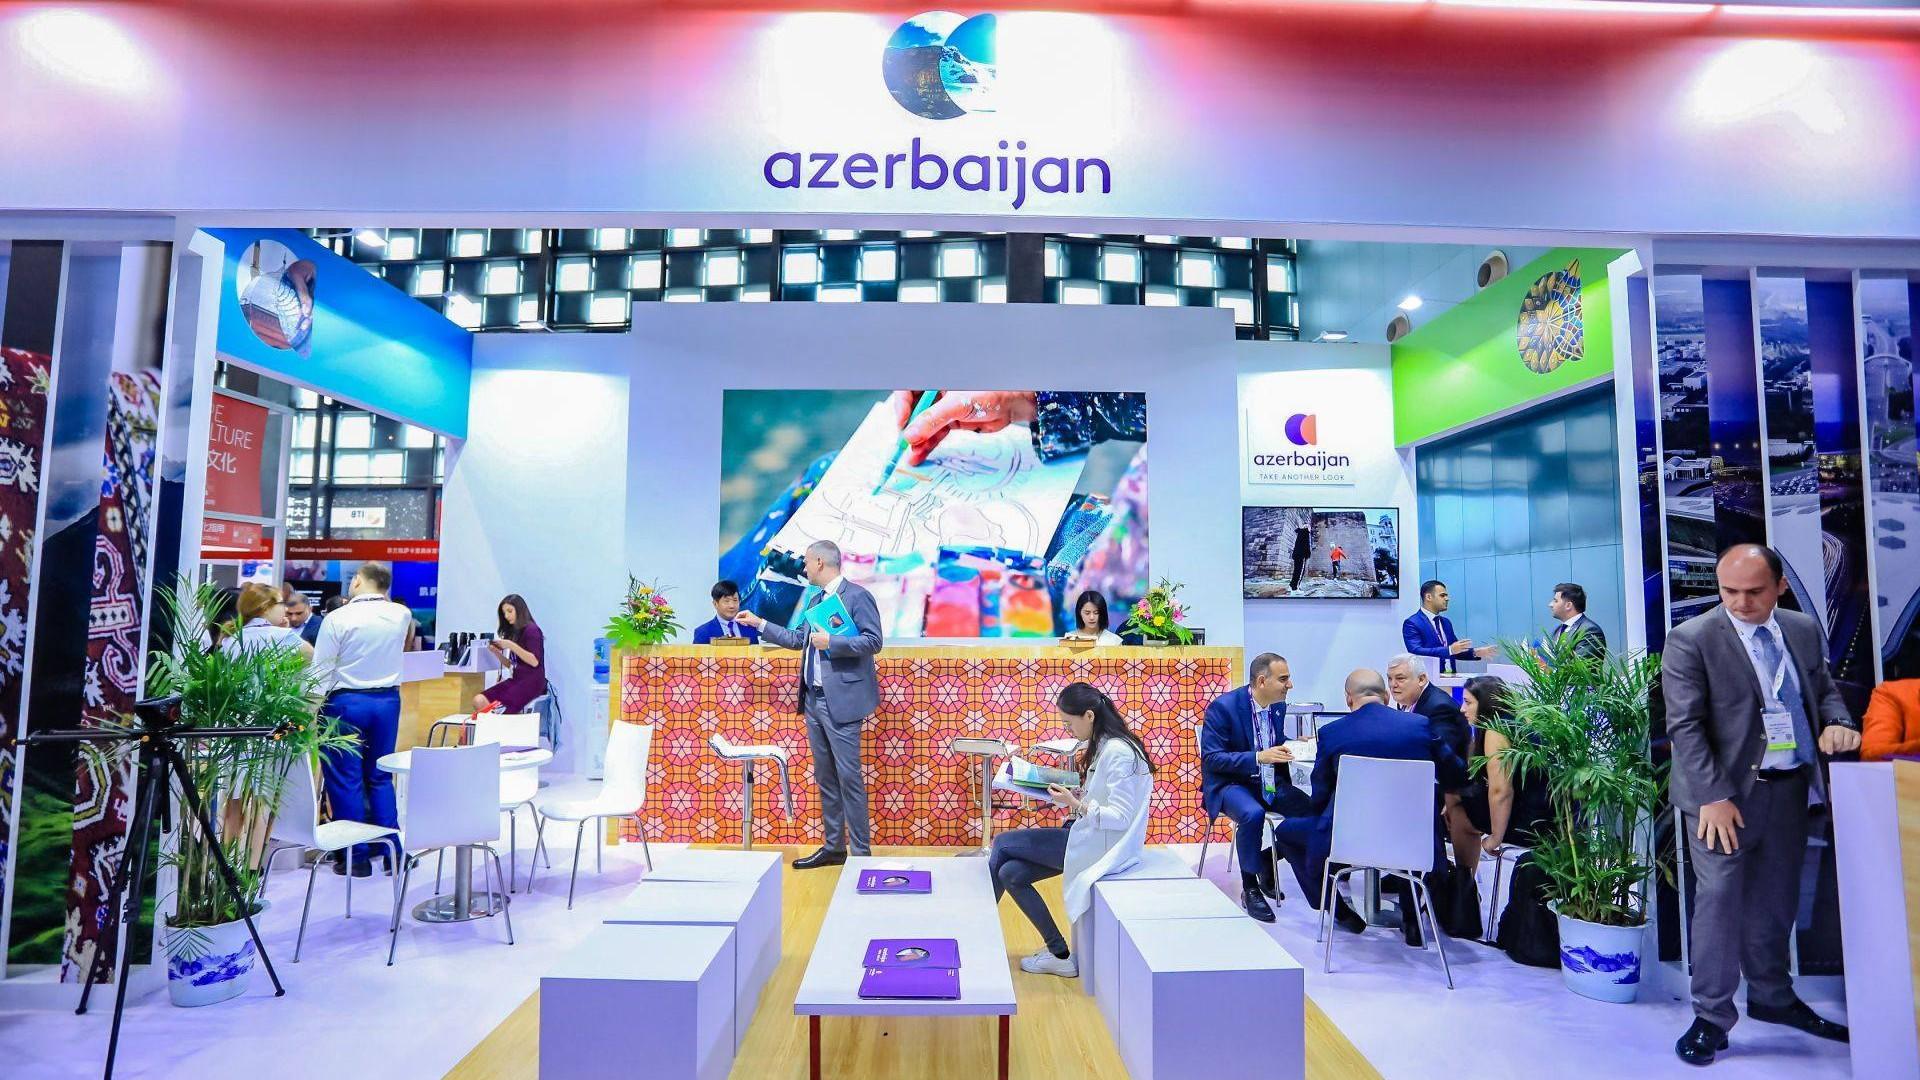 Çinli turistlər Azərbaycana böyük maraq göstərirlər